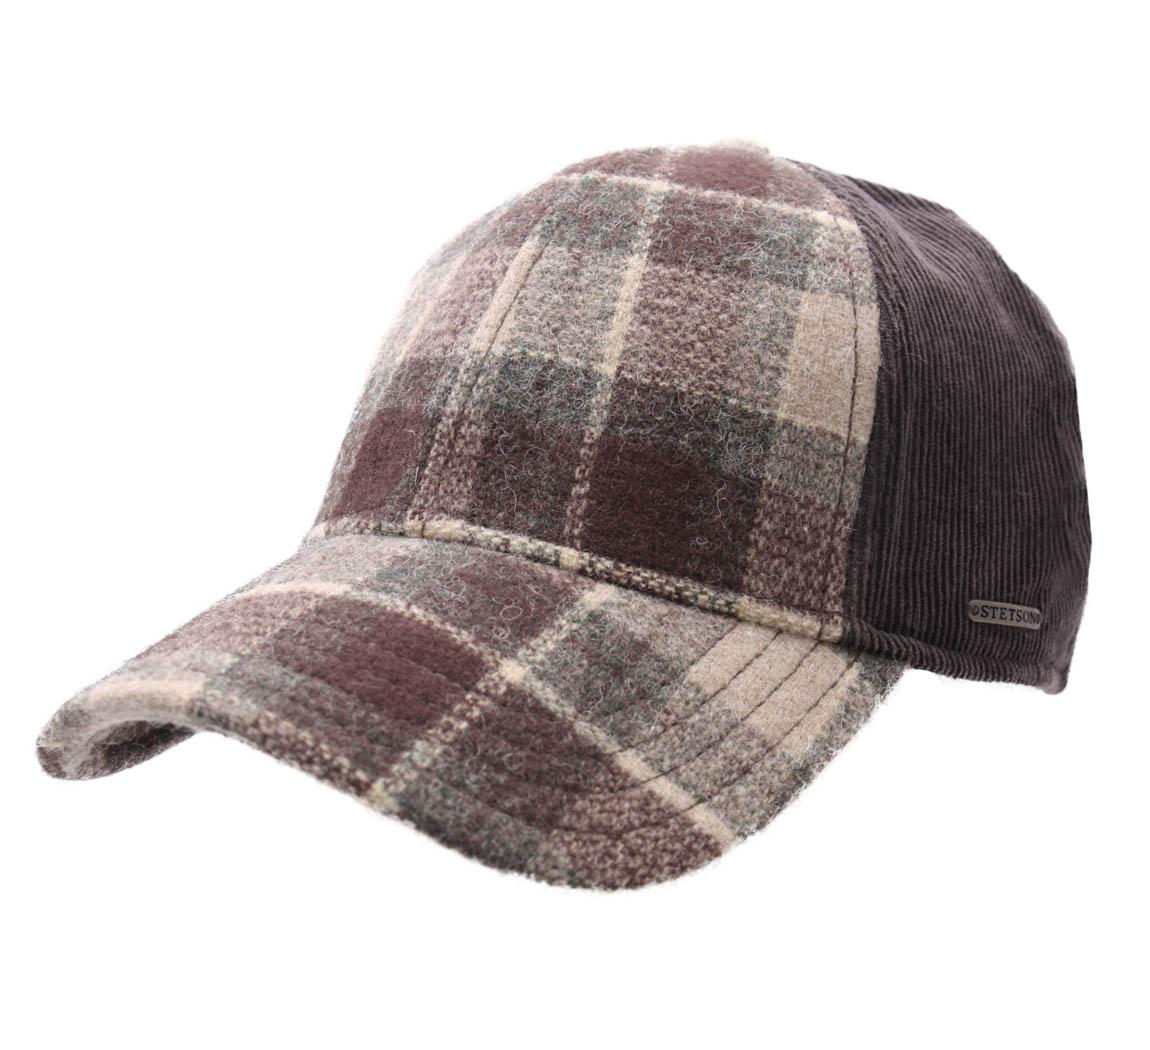 California Woolrich Check - Caps Stetson da0db93eebe